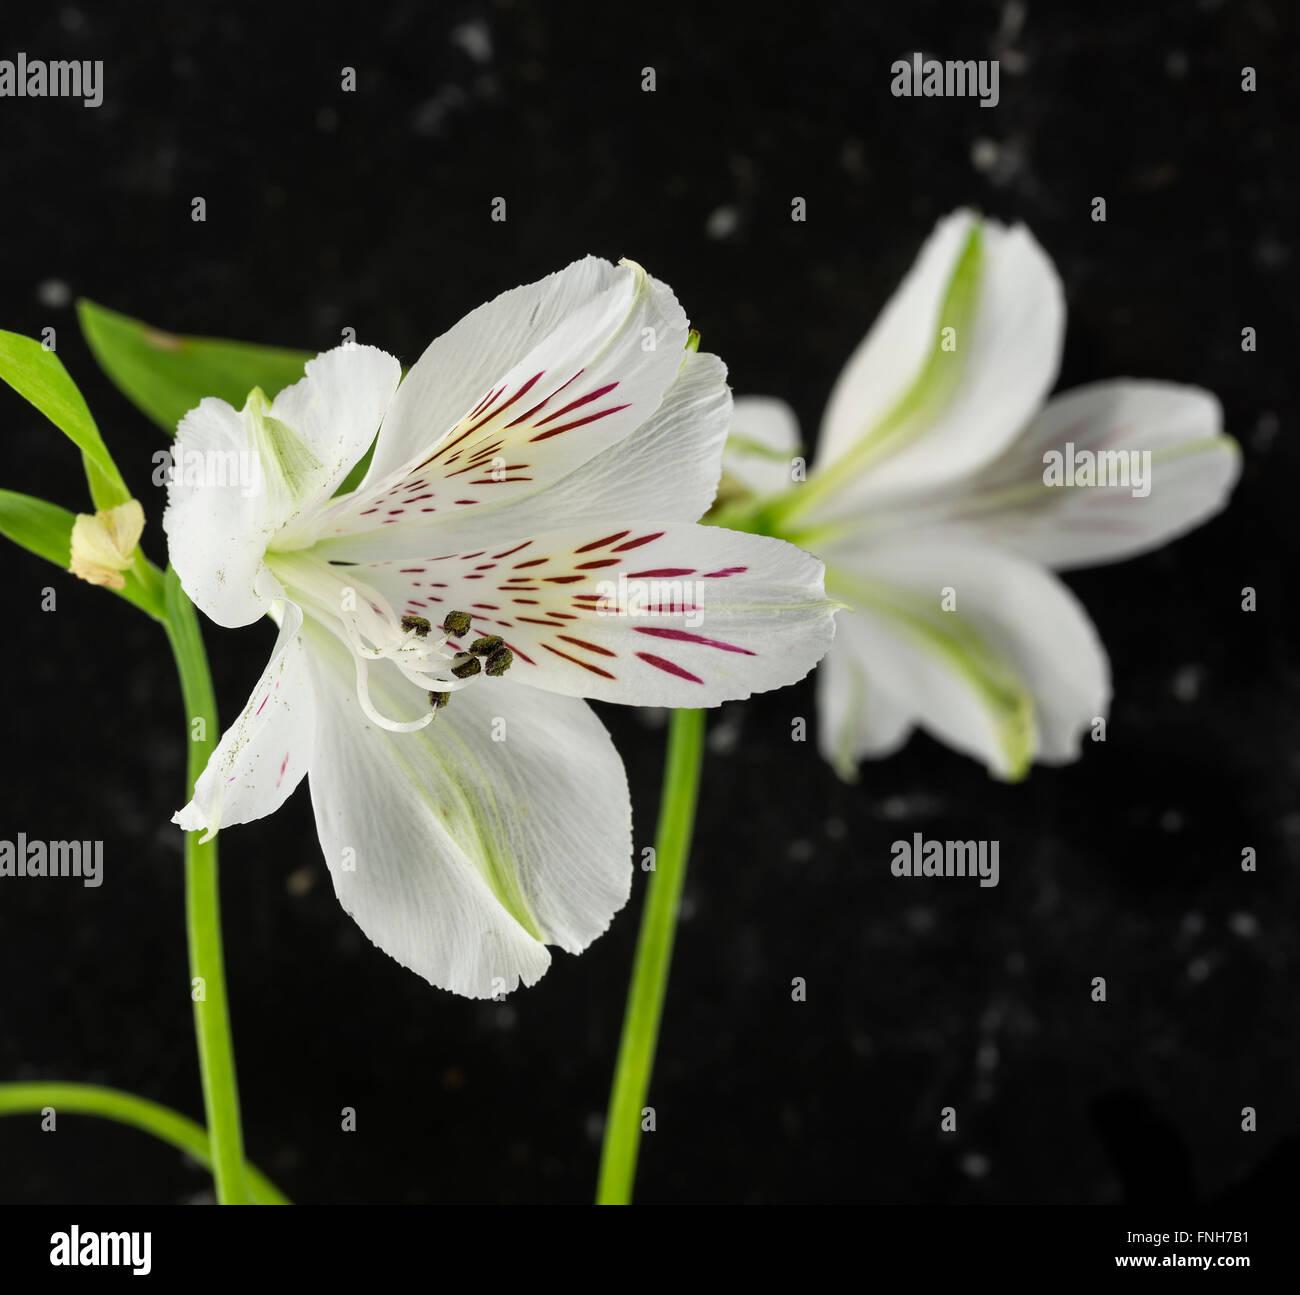 White alstroemeria flowers with black background stock photo white alstroemeria flowers with black background mightylinksfo